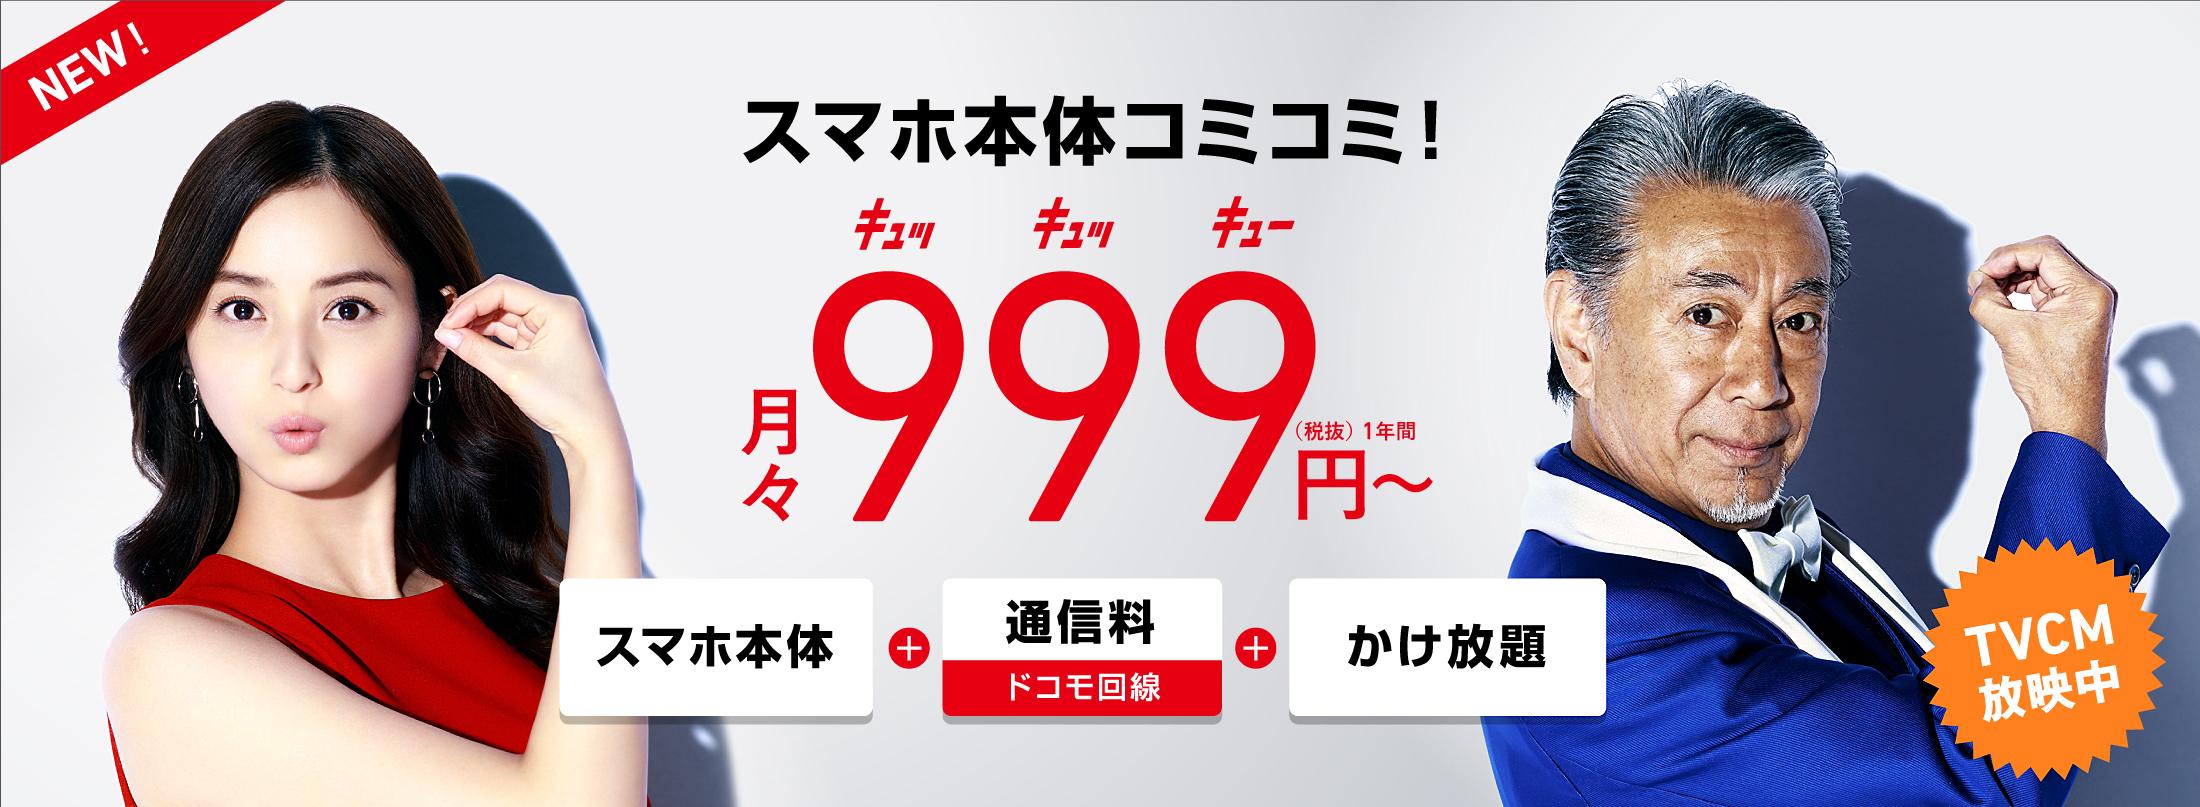 フリーテルスマートコミコミ+999円プランは罠?注意点・評判・口コミを徹底解説!【FREETEL】